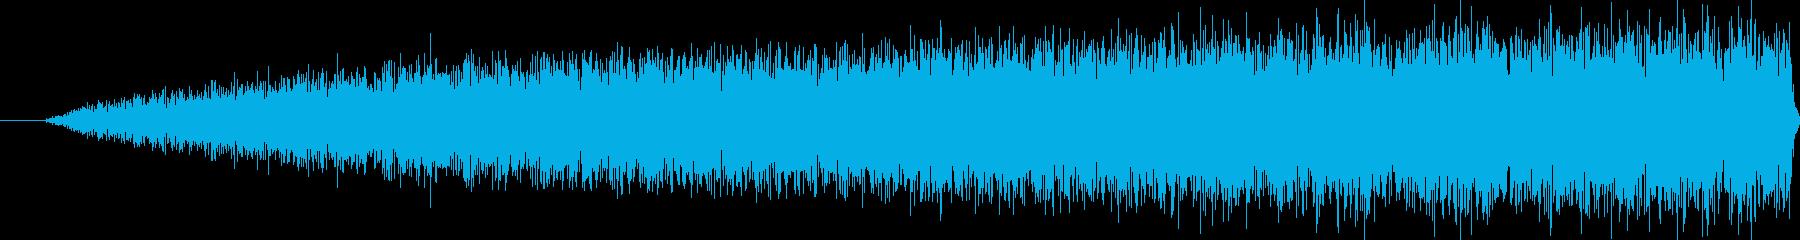 チャージ音の再生済みの波形